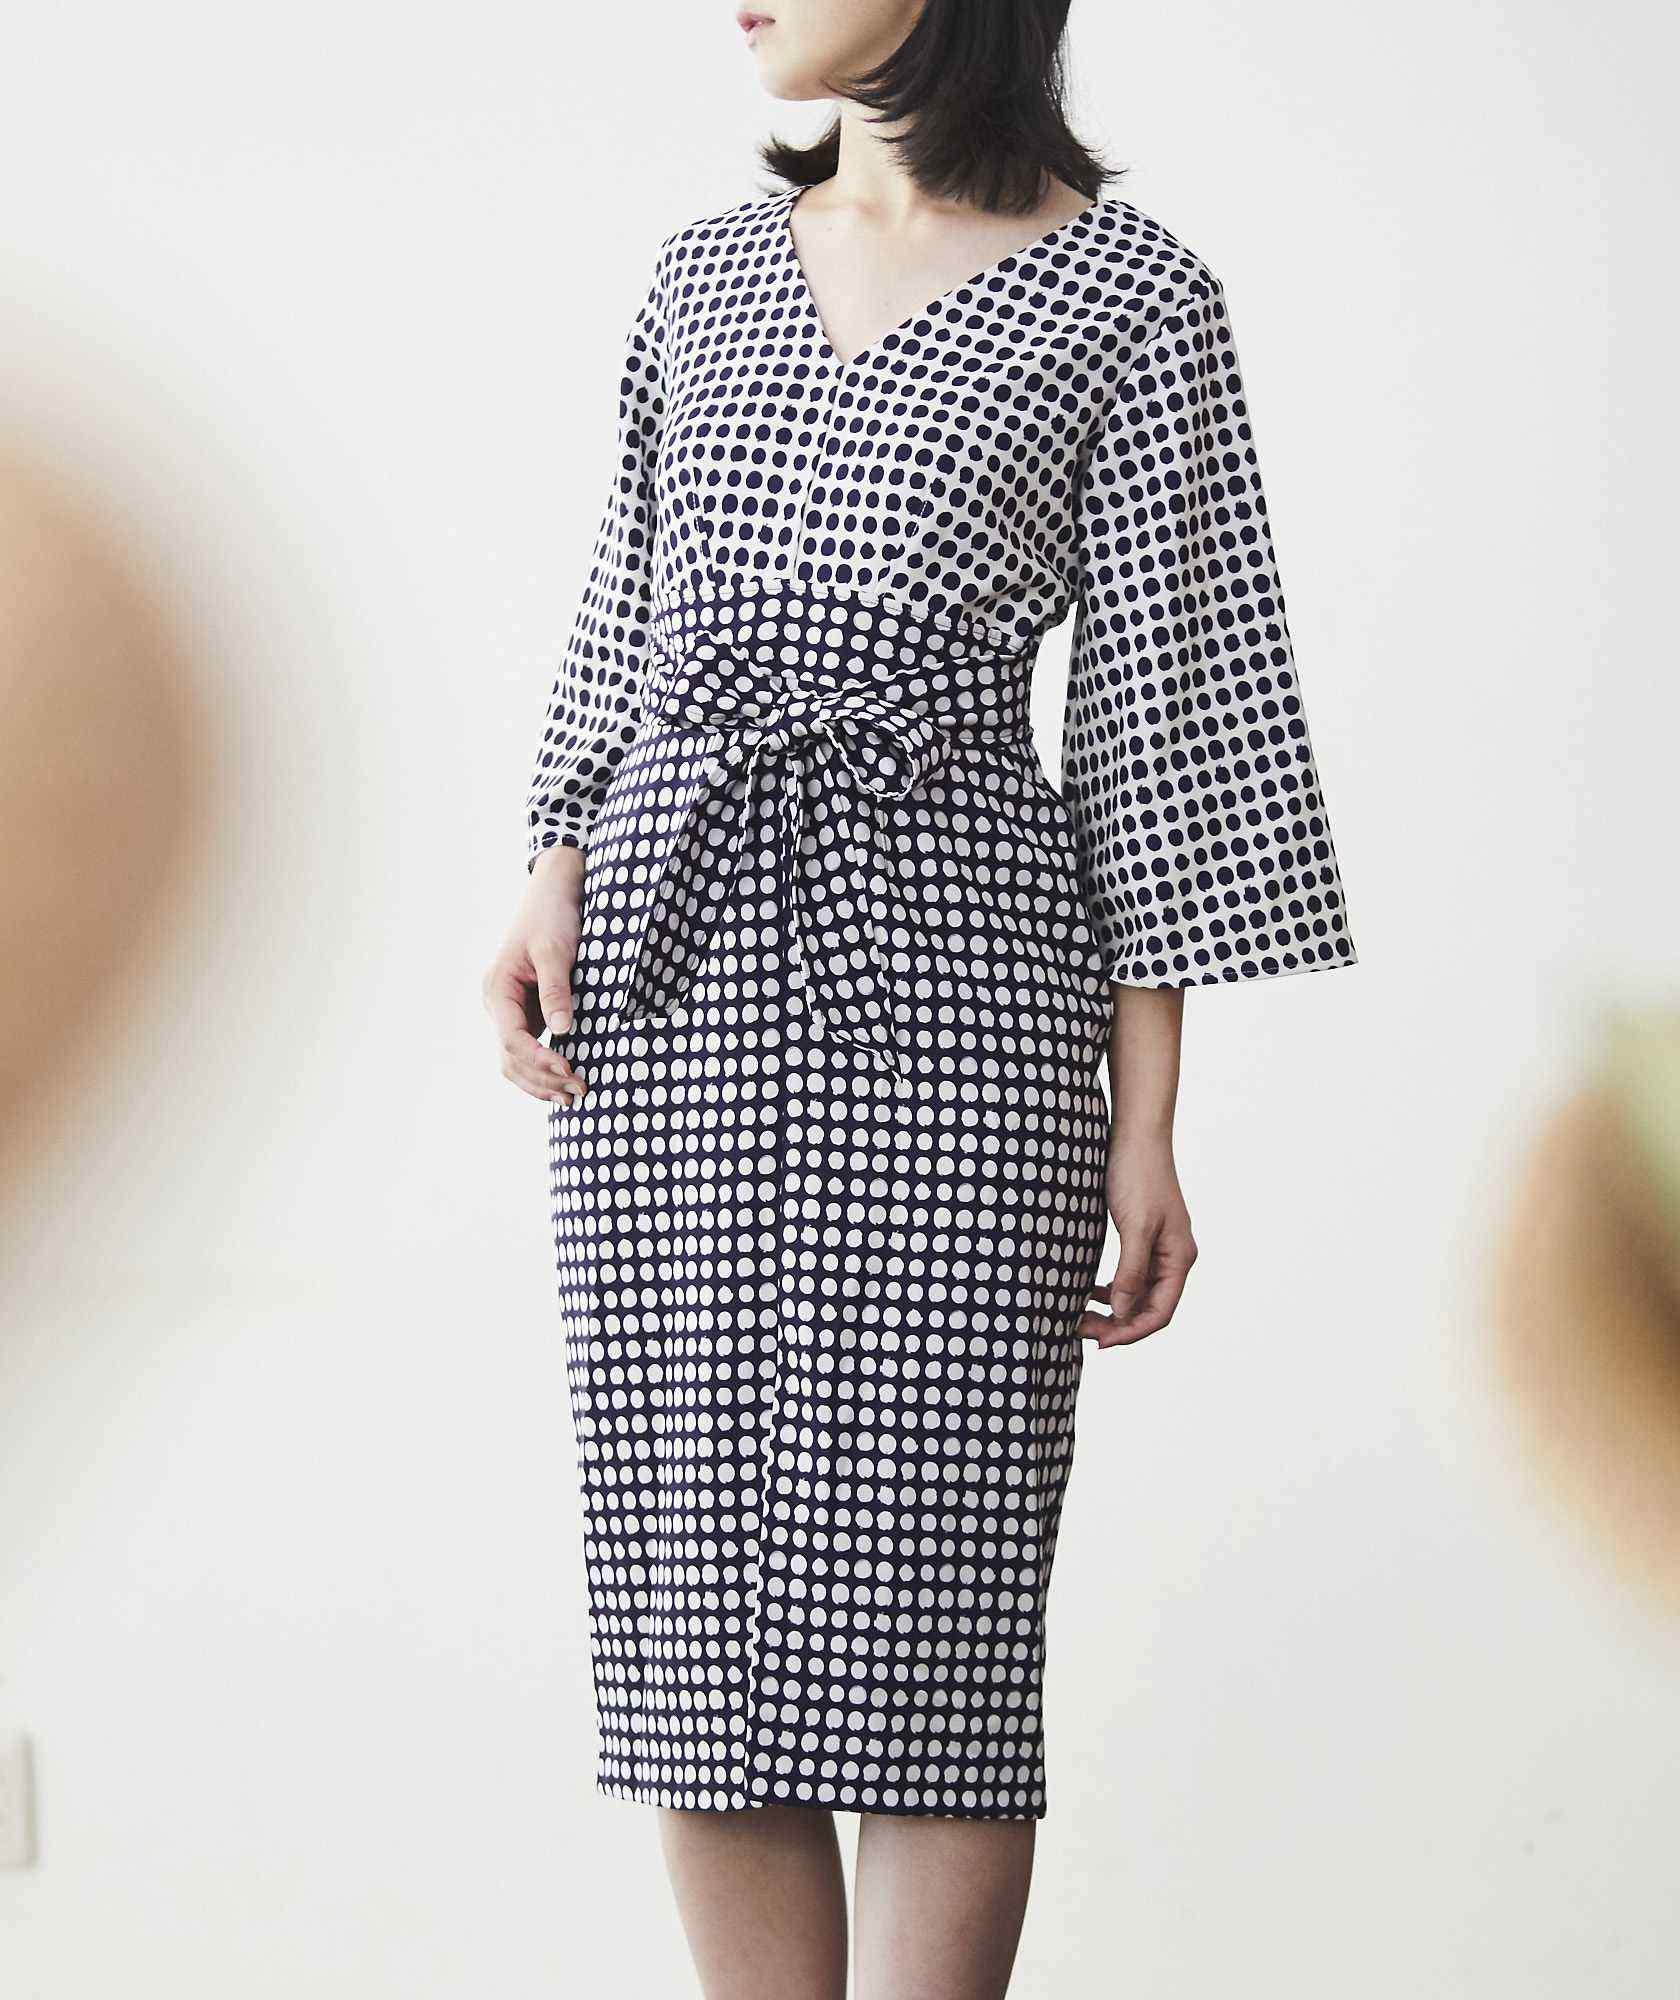 Vネックトッドウエストマークミディアムドレス―クリーム×ネイビー-ホワイト-S-M